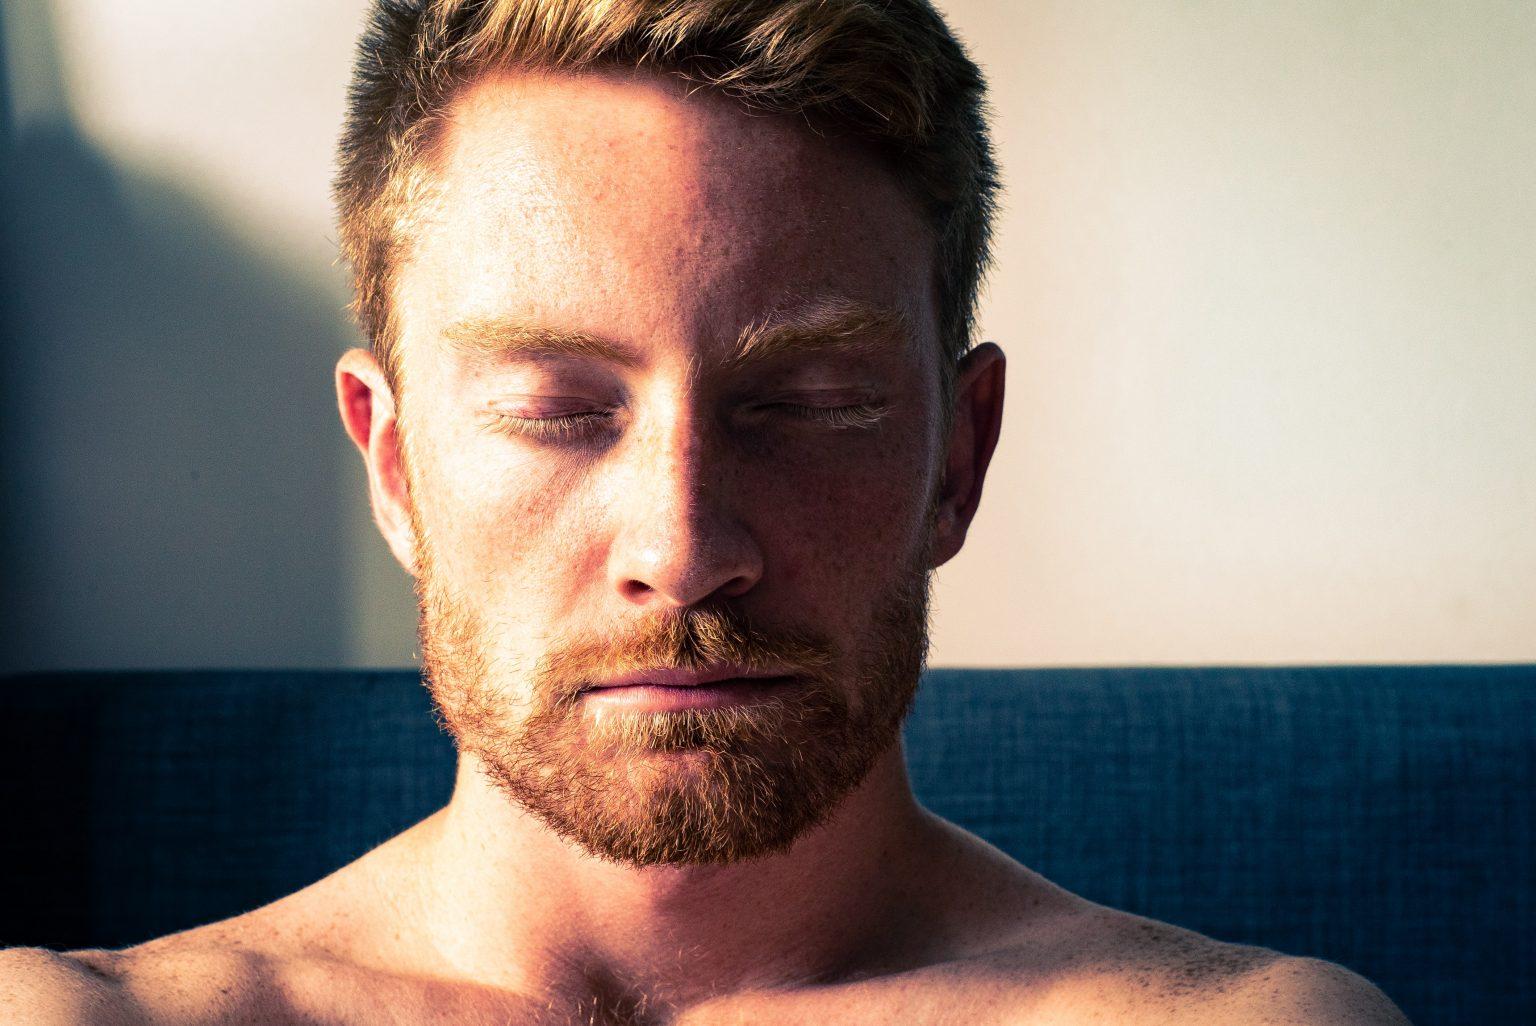 Foto: Mitchell Griest para Unsplash para el post de ejercicio de meditación en sesión.